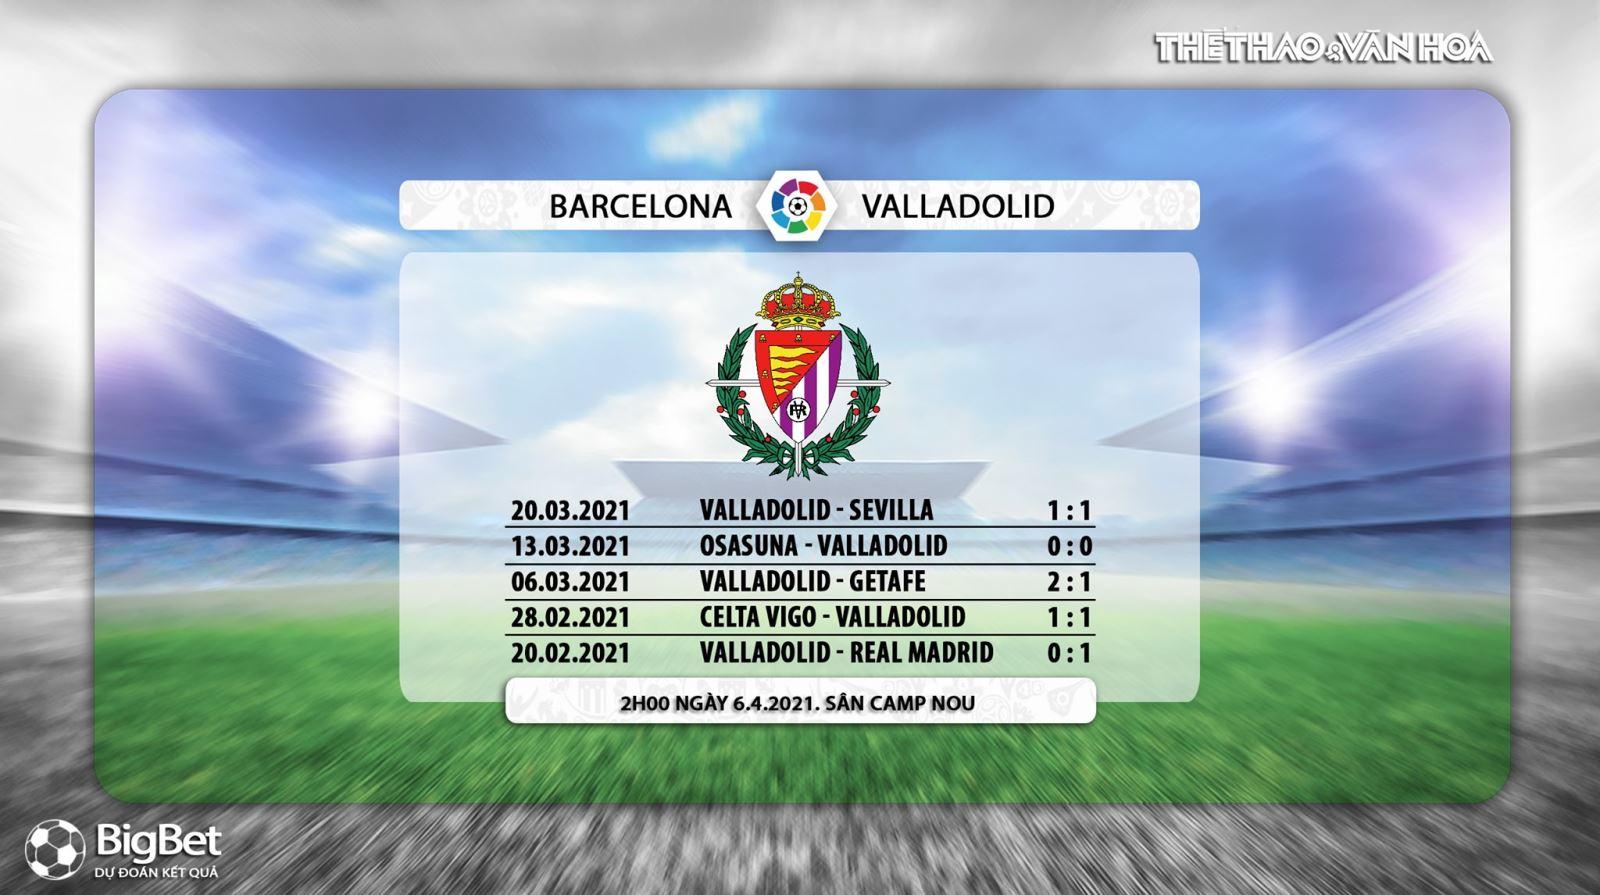 Kèo nhà cái. Barcelona vs Valladolid. BĐTV trực tiếp bóng đá Tây Ban Nha